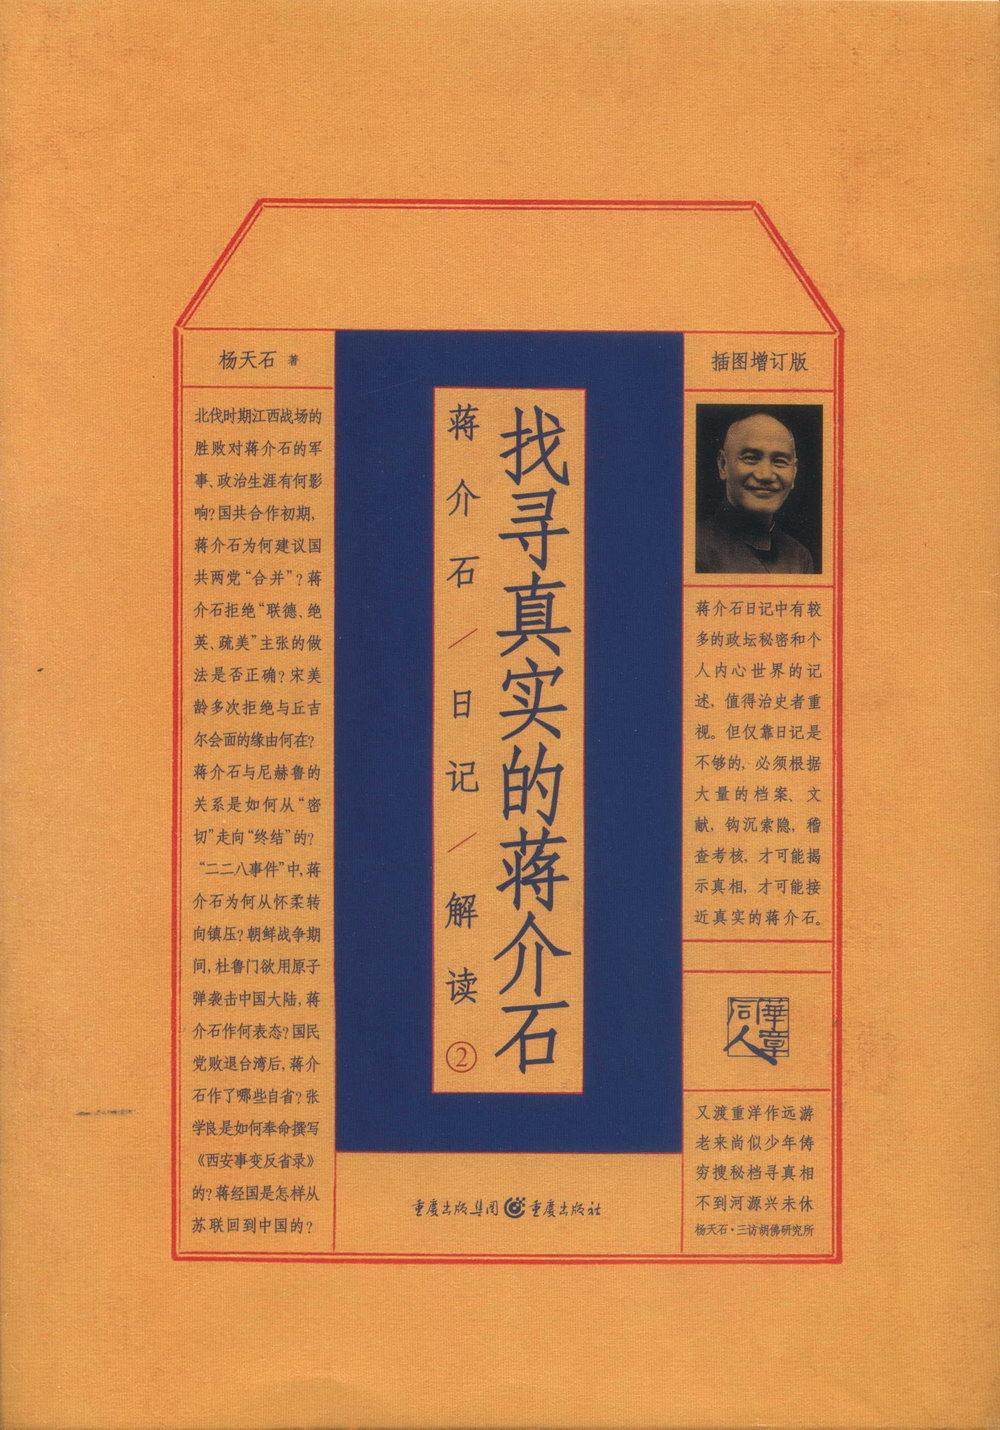 找尋真實的蔣介石:蔣介石日記解讀.2